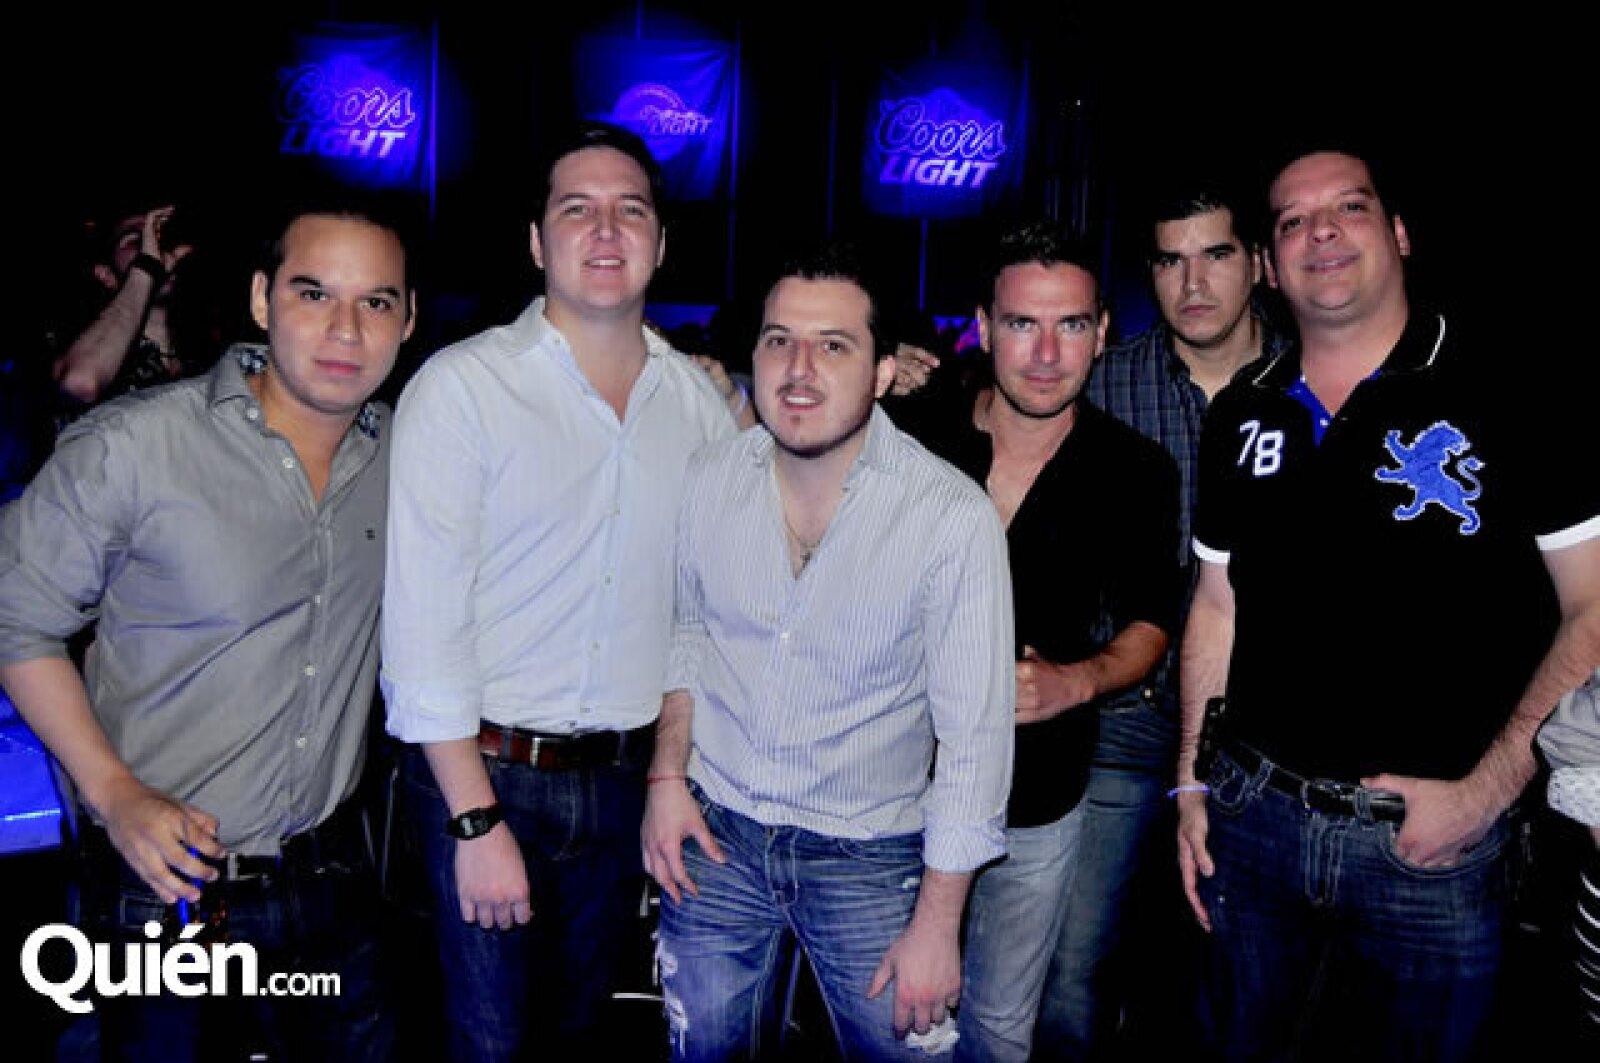 Erick Gallardo, Collovati Rizo, Christian Rizo, Nathan Karre, Mauricio Sepúlveda y Juan Esparza